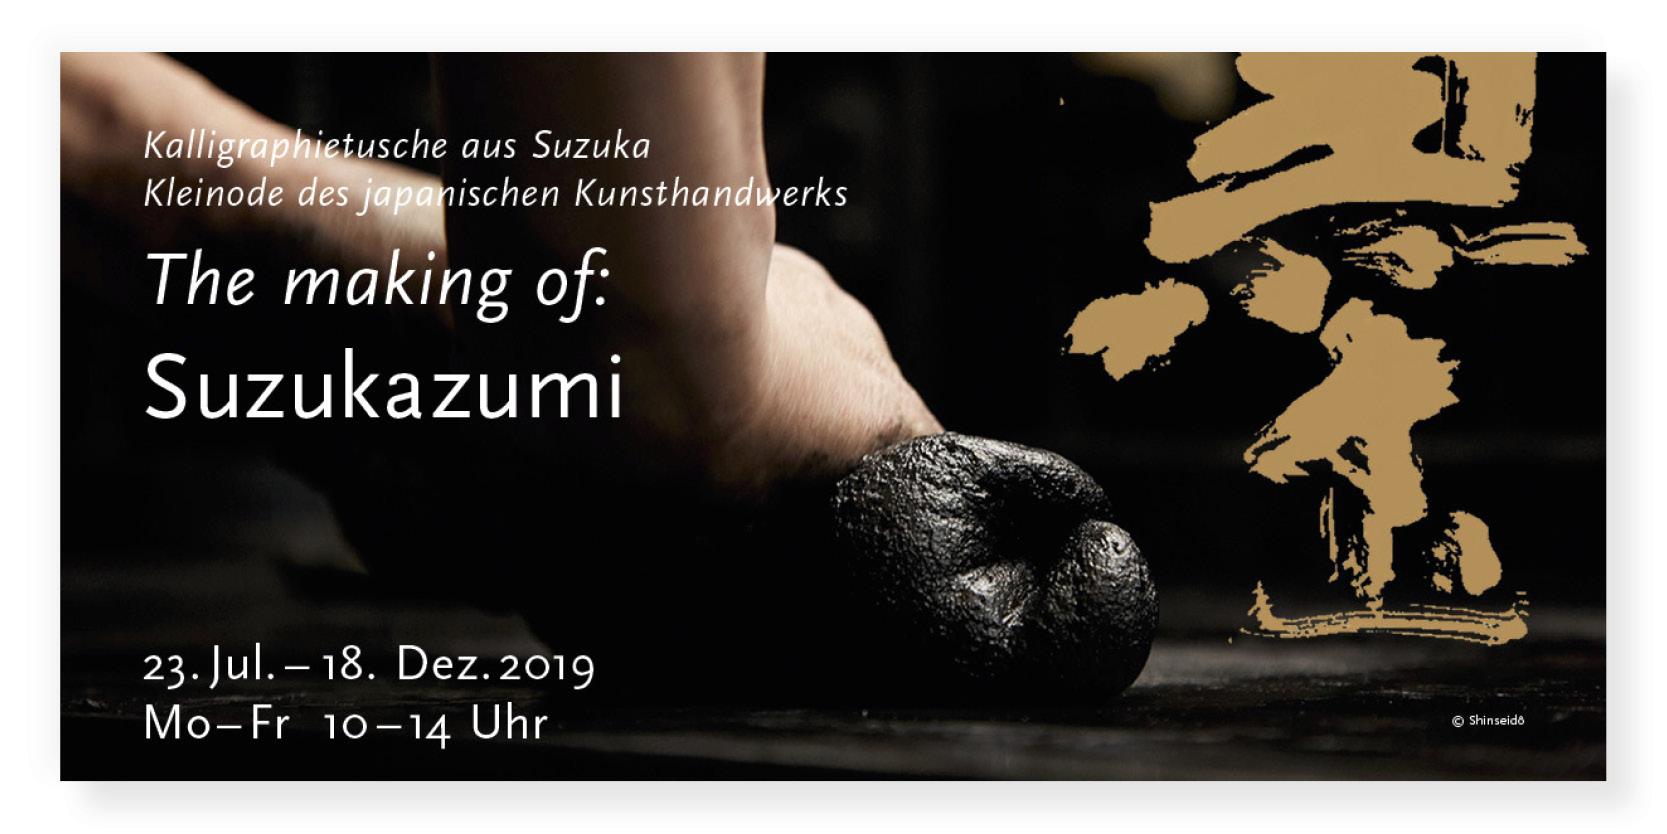 Einladungskartegestaltung Ausstellung Suzukazumi 01